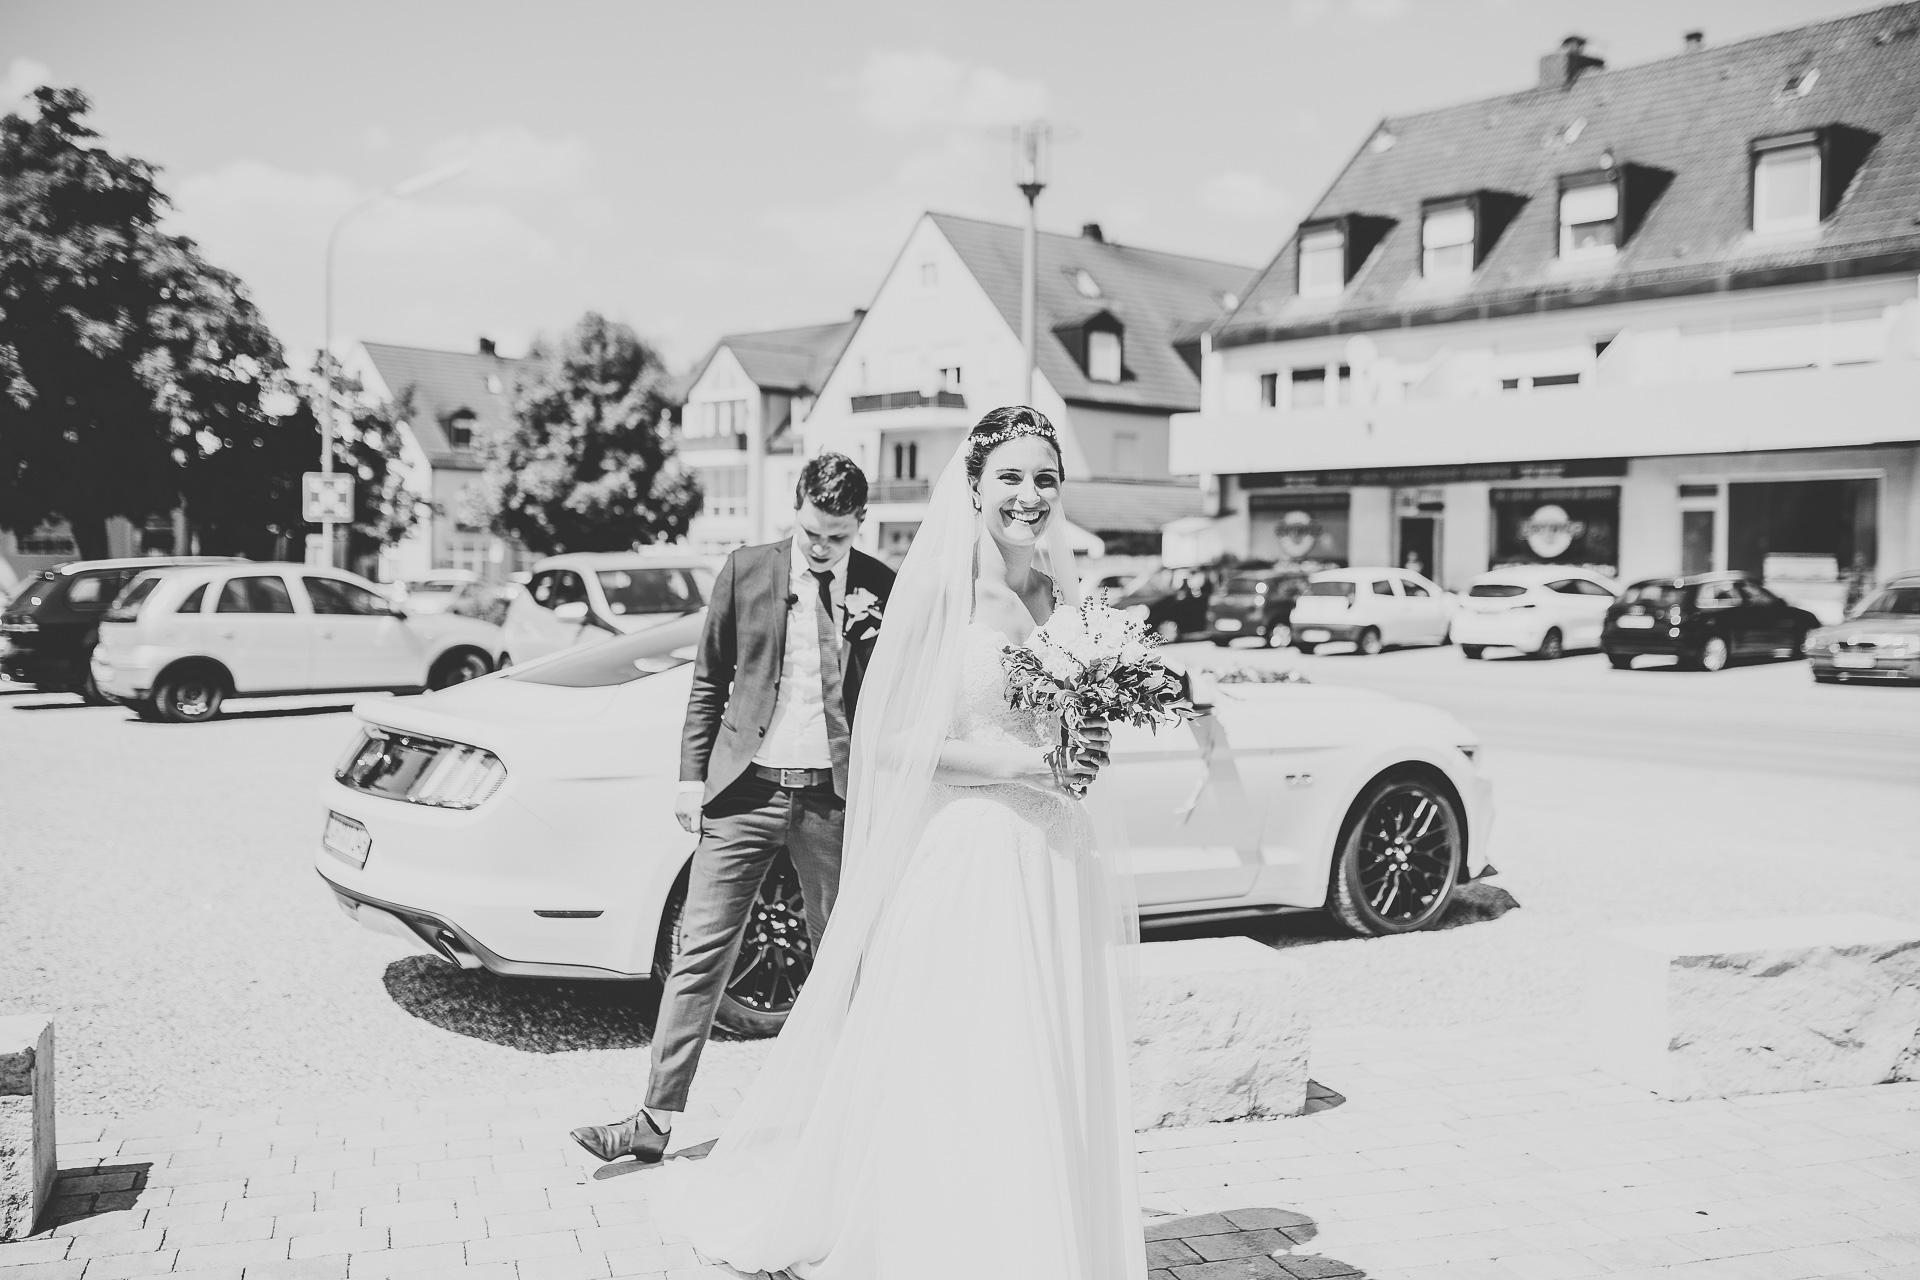 Alexander Utz, Fotografie, Hochzeit, Augsburg, Brautkleid, Brautstrauss-59